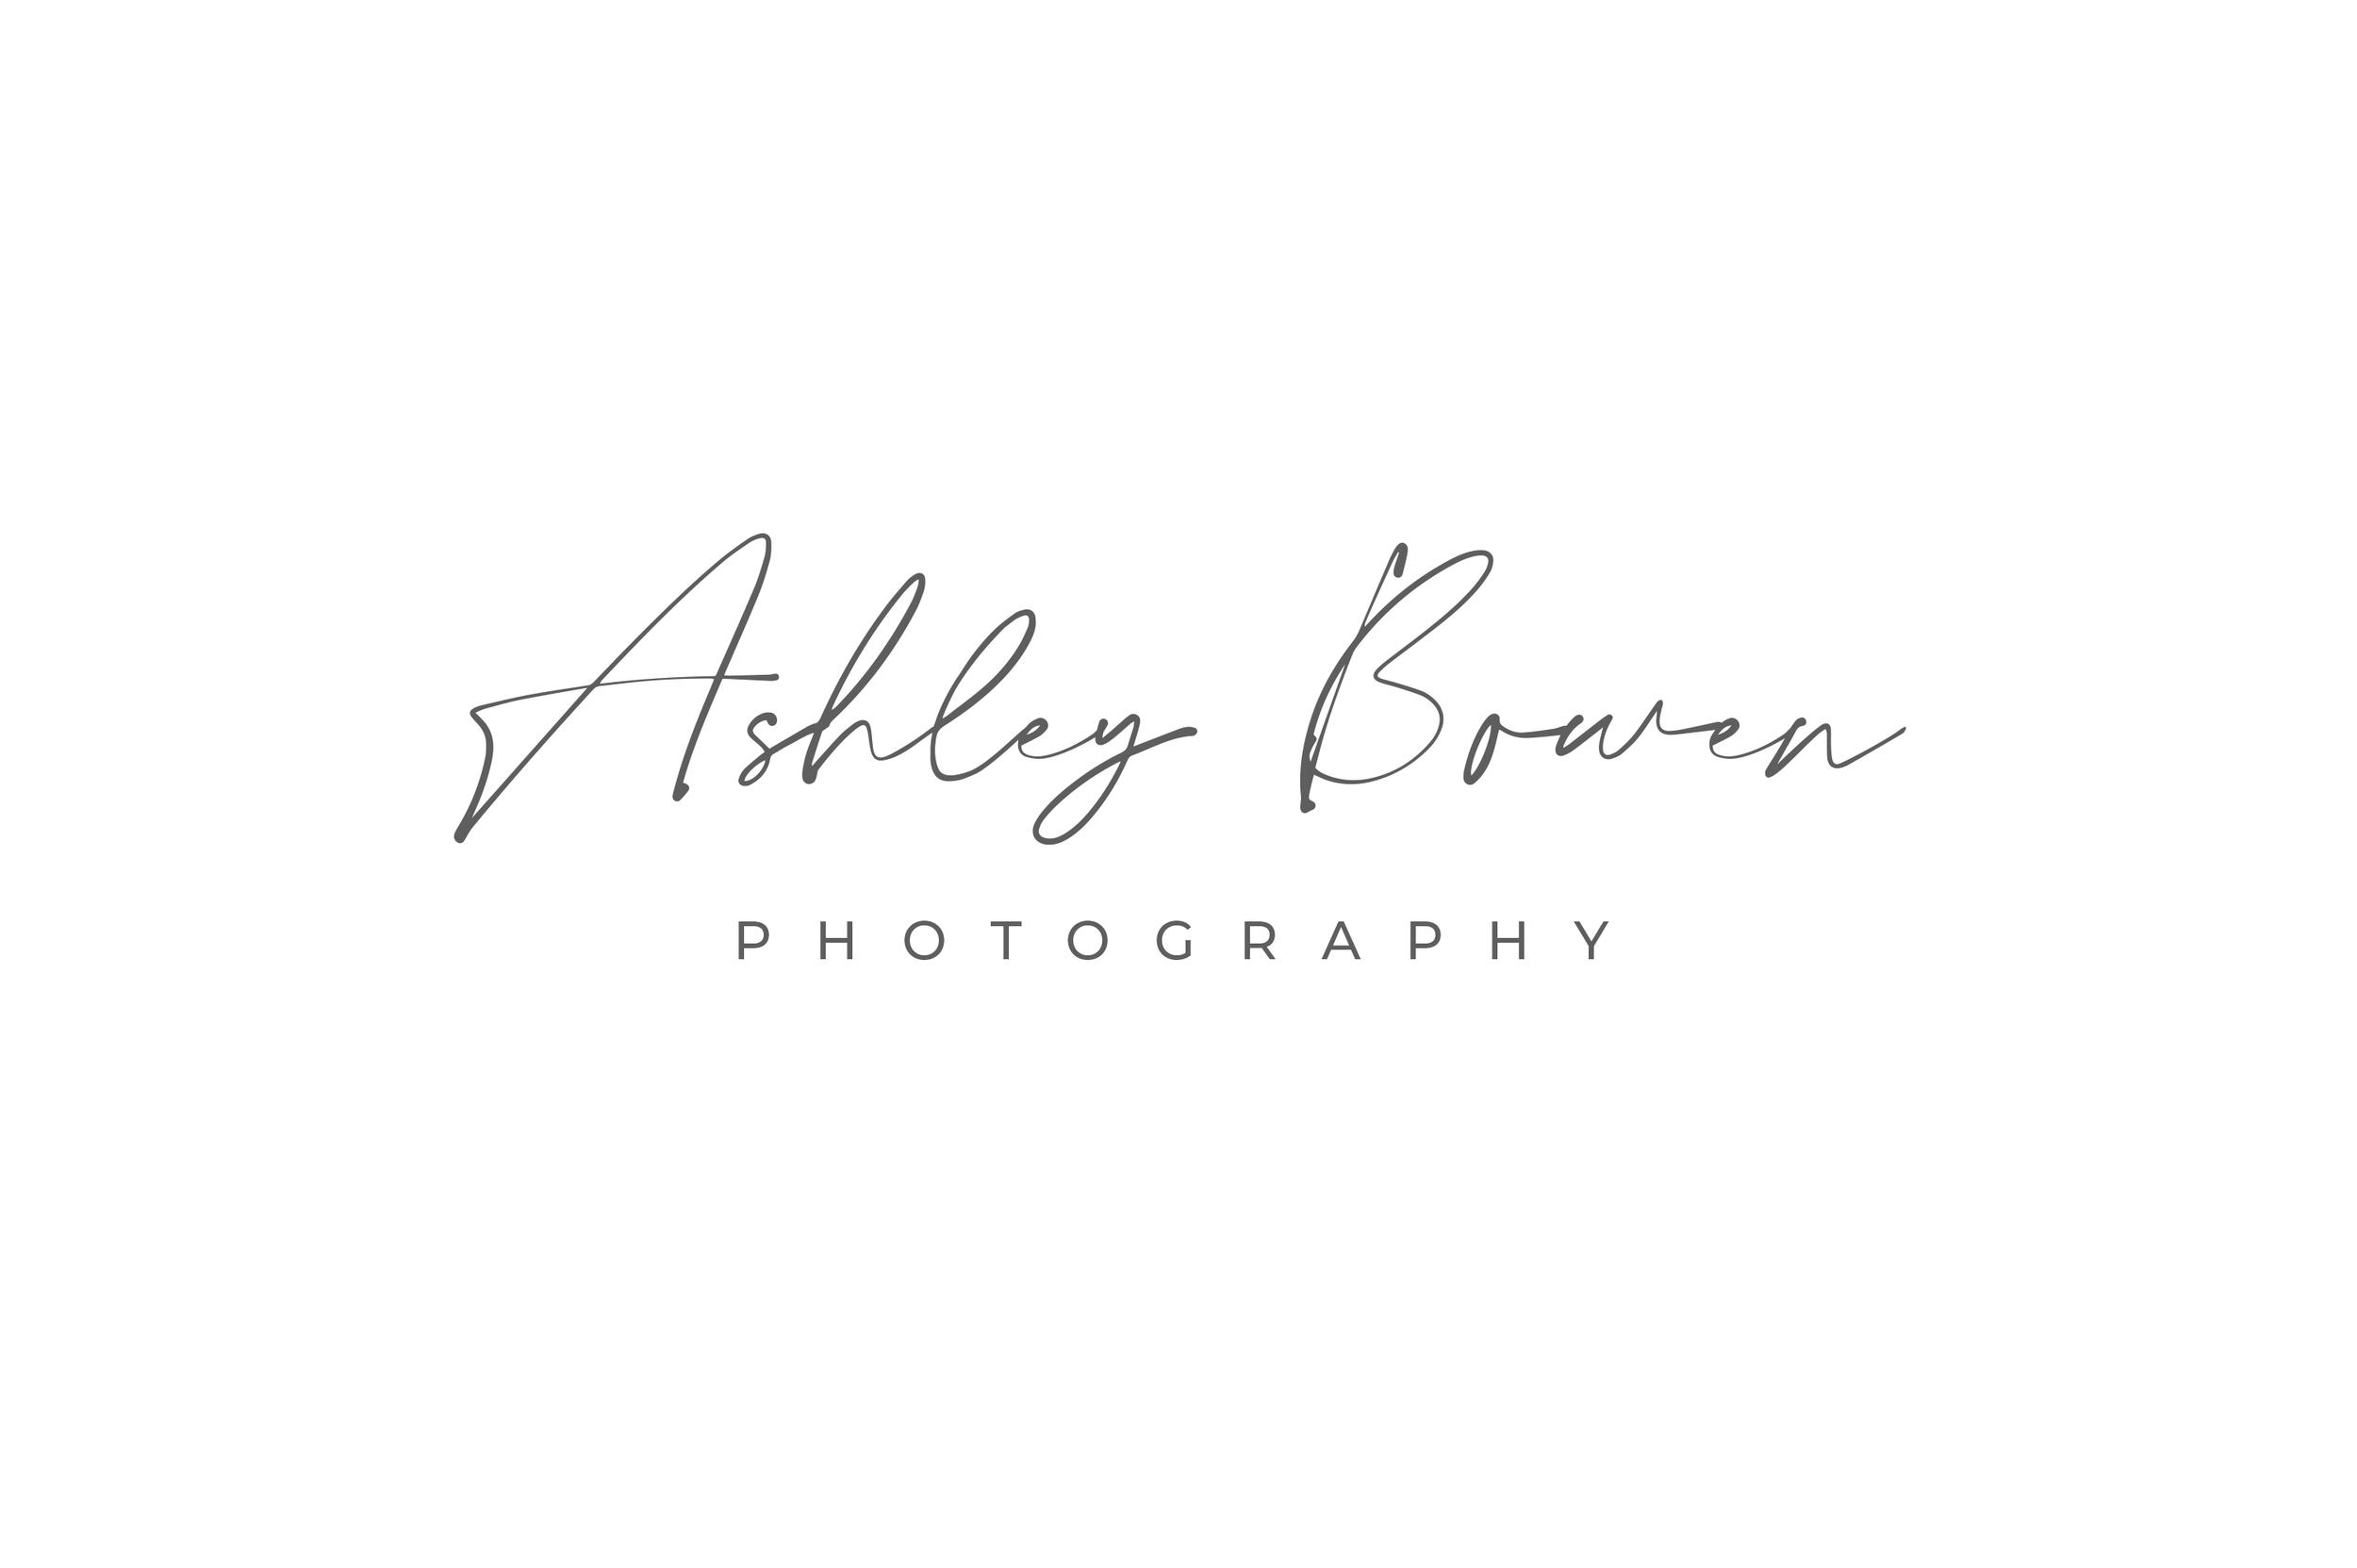 Ashleybowenphotographylogo